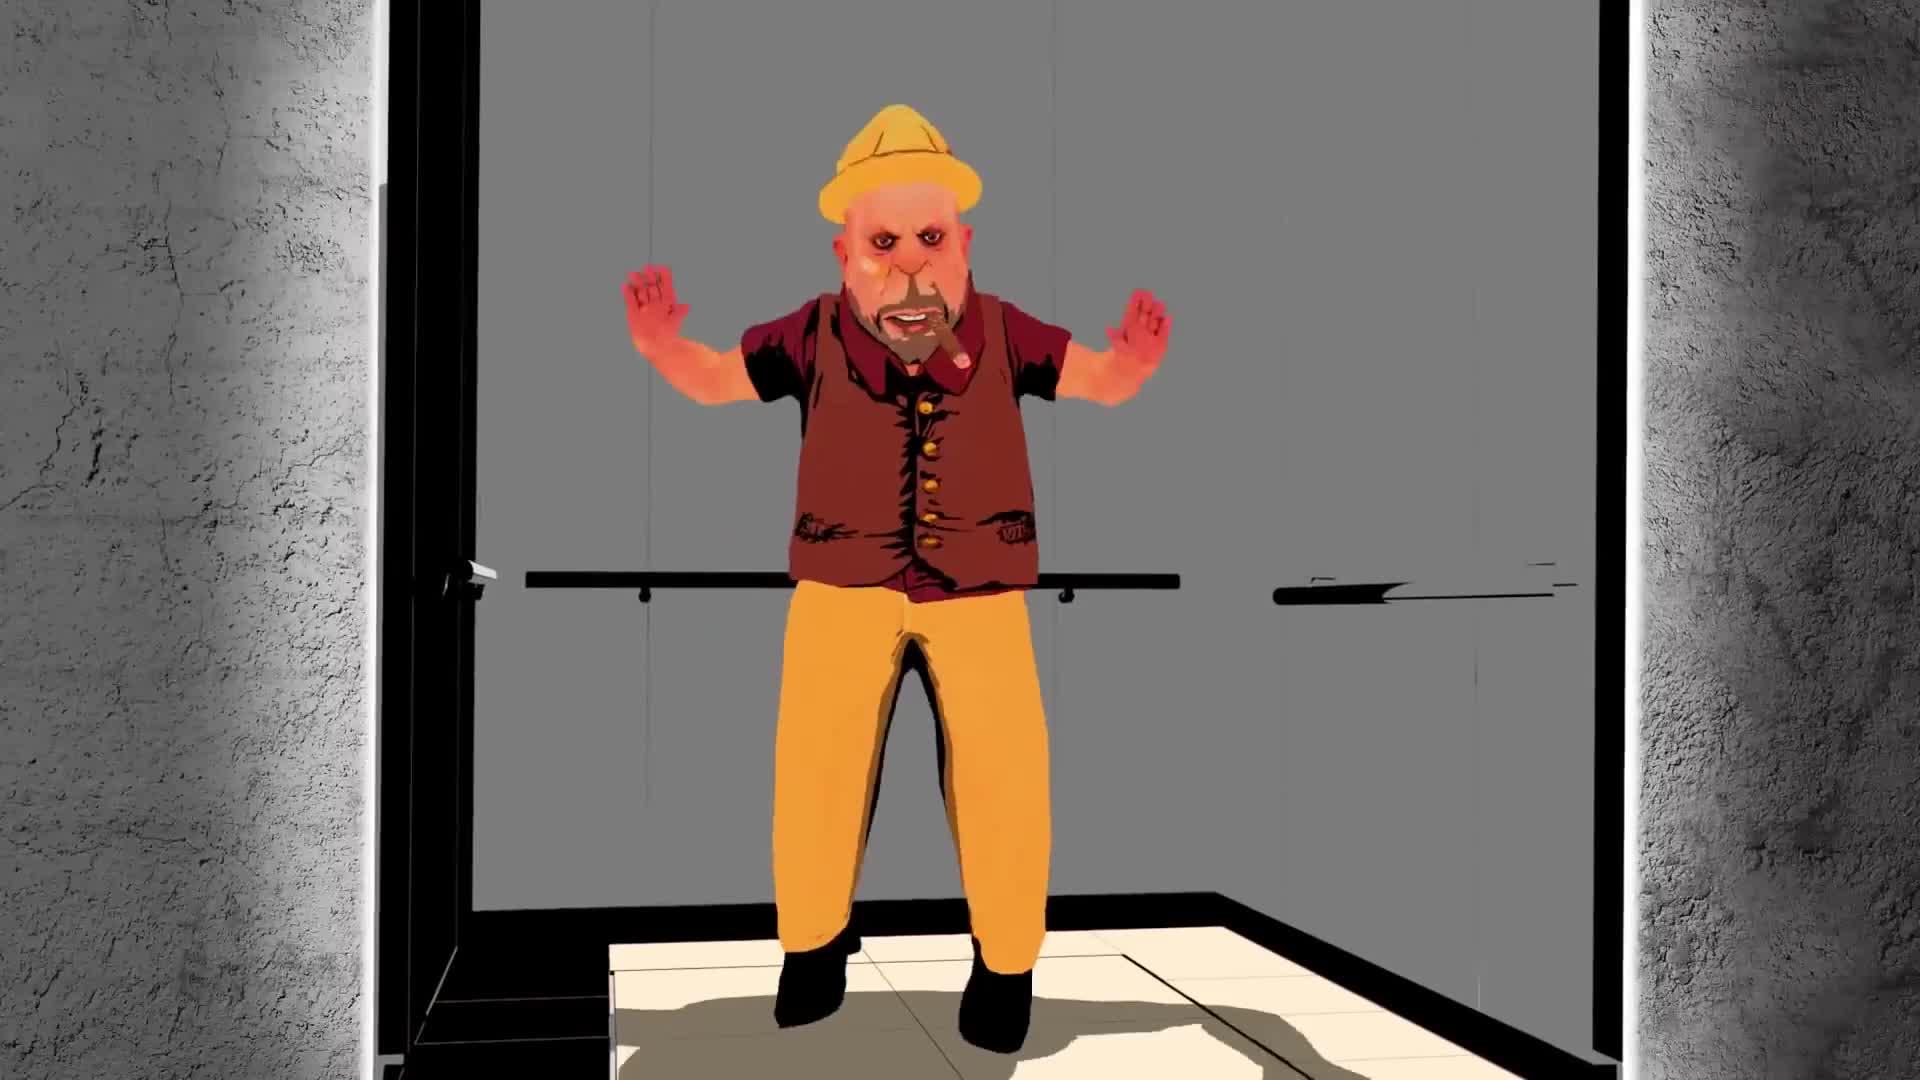 电梯坠落时,快要触底时跳起来真能救命?动画演示全程真涨知识了